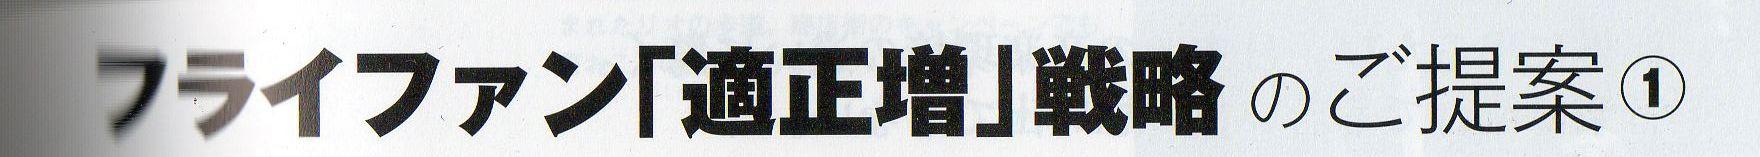 b0159869_1744443.jpg